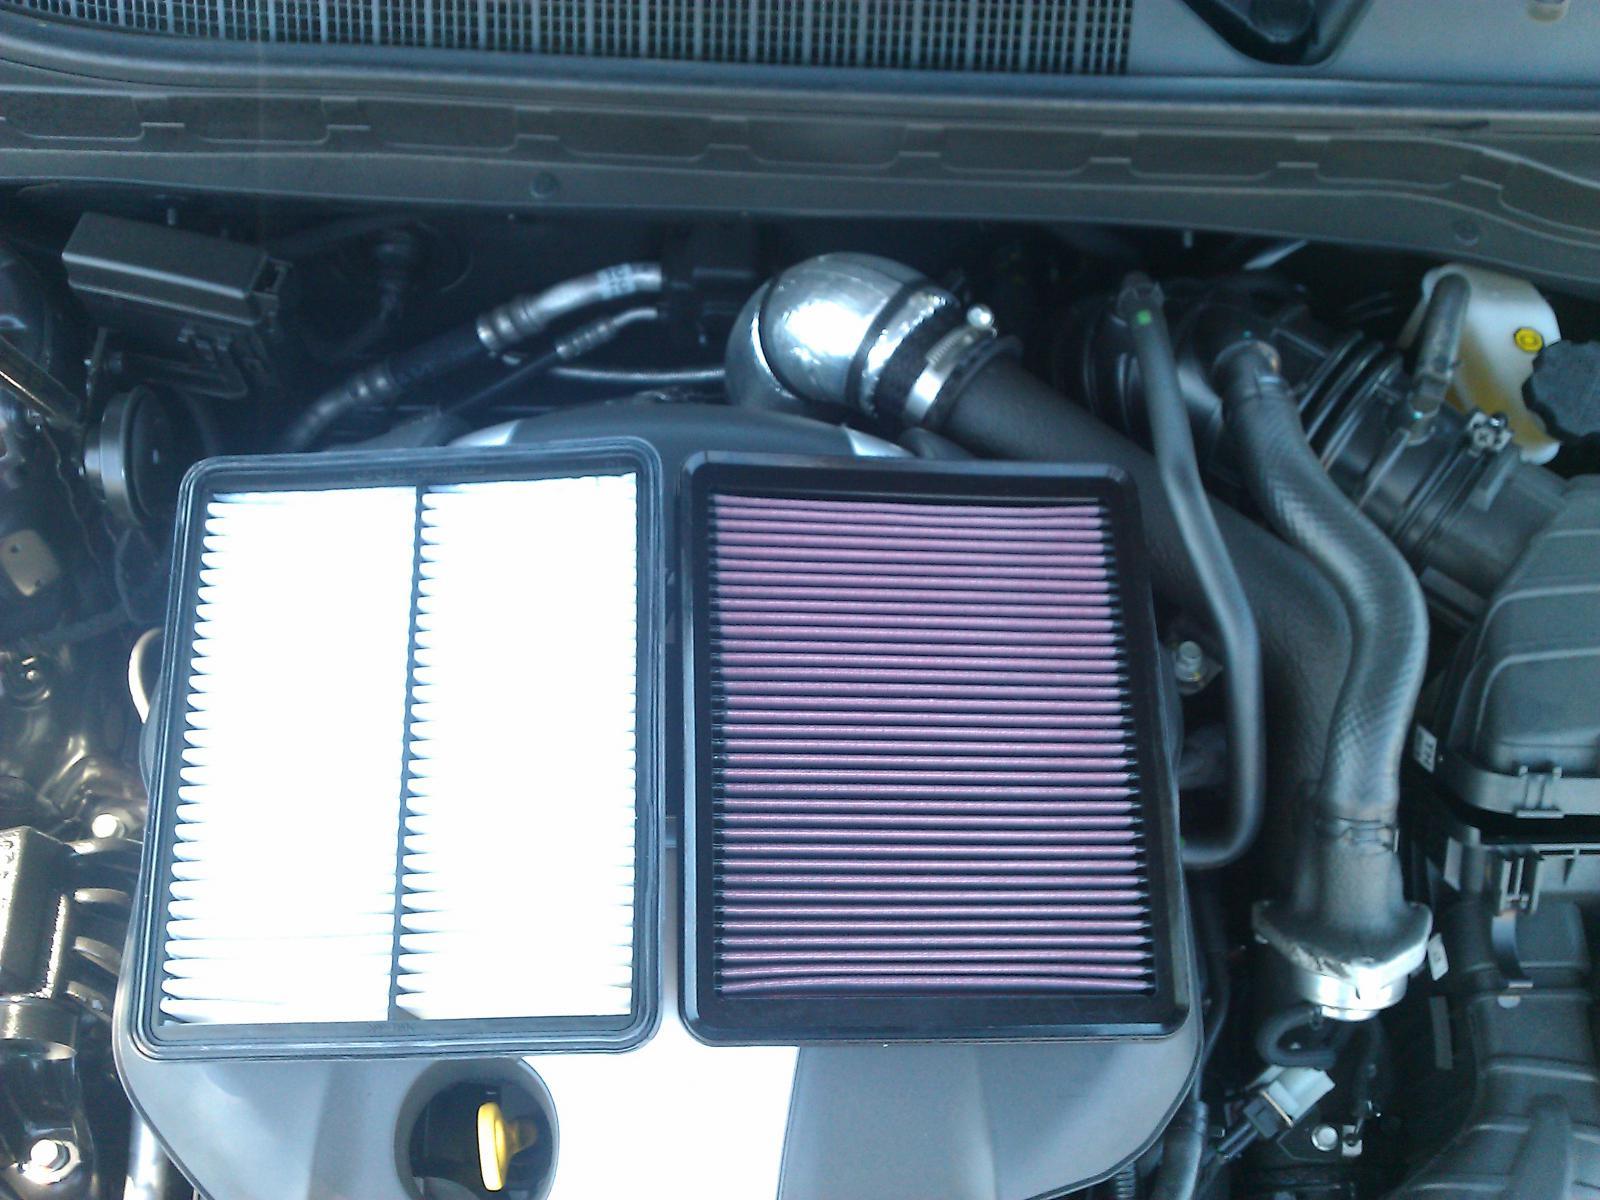 K n air filter imag0182 jpg